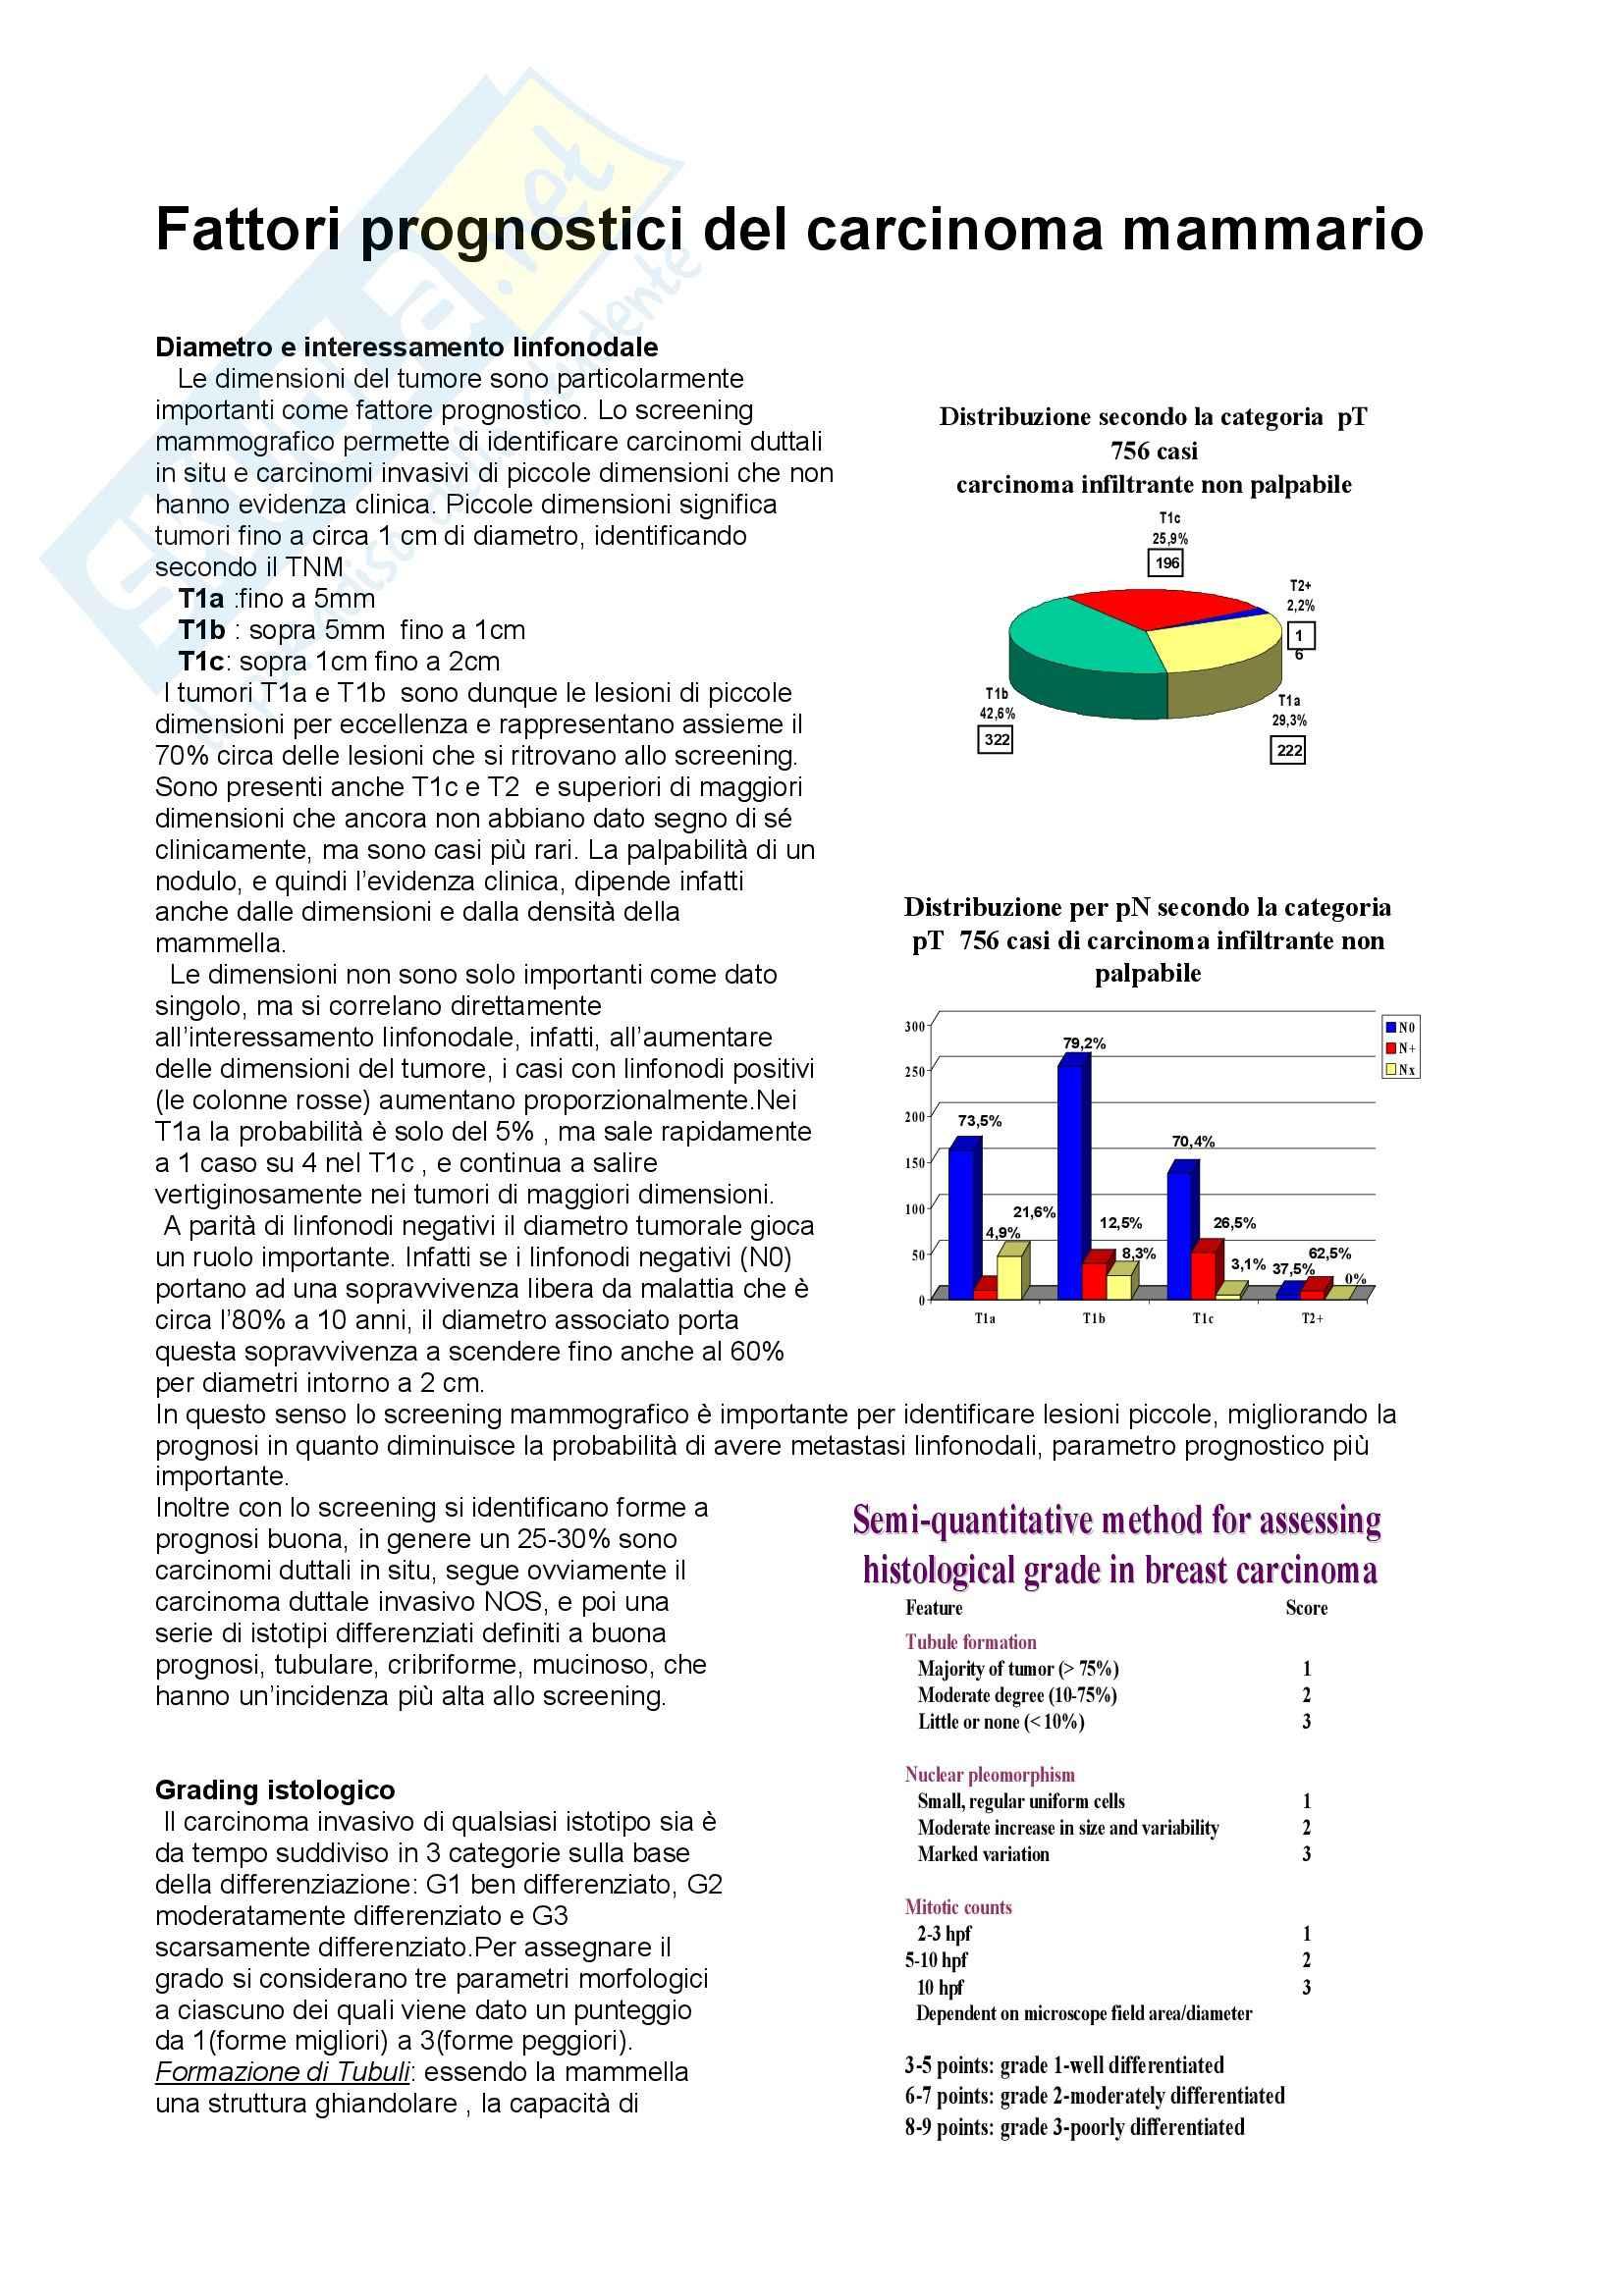 Anatomia Patologica - Patologia mammaria Pag. 11